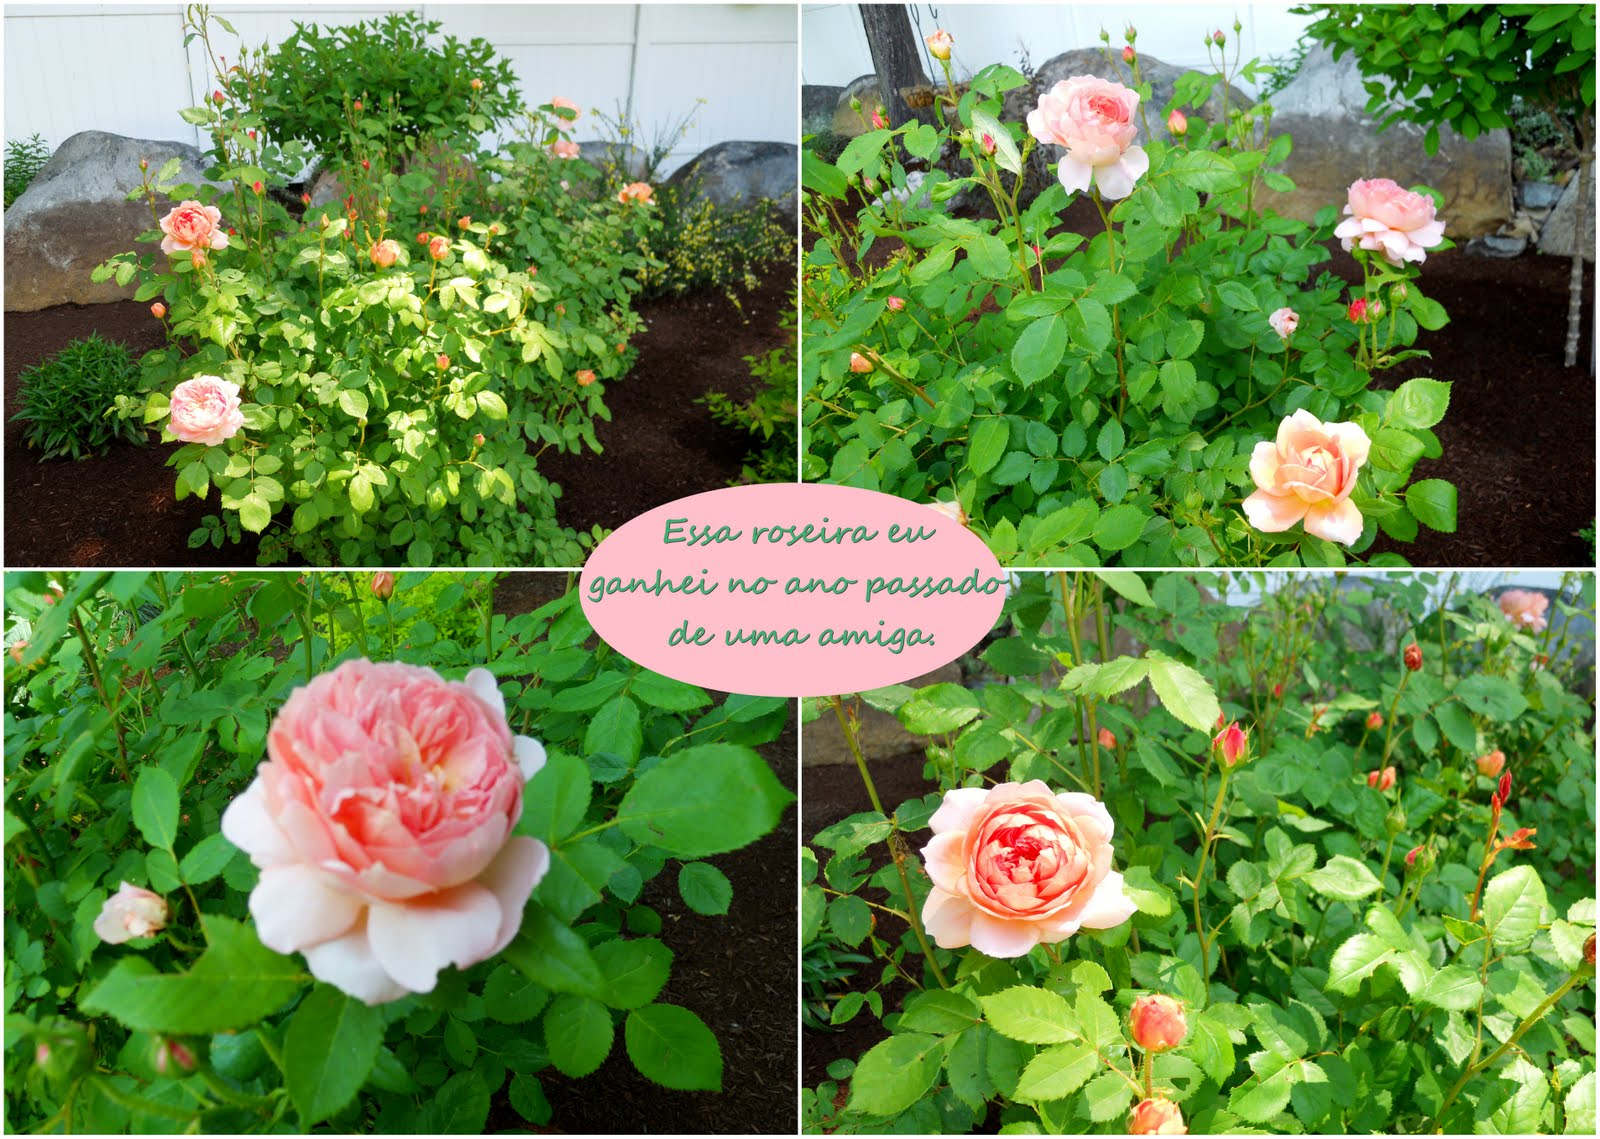 flores do meu jardim krafta:Casa de Retalhos: Flores do meu jardim